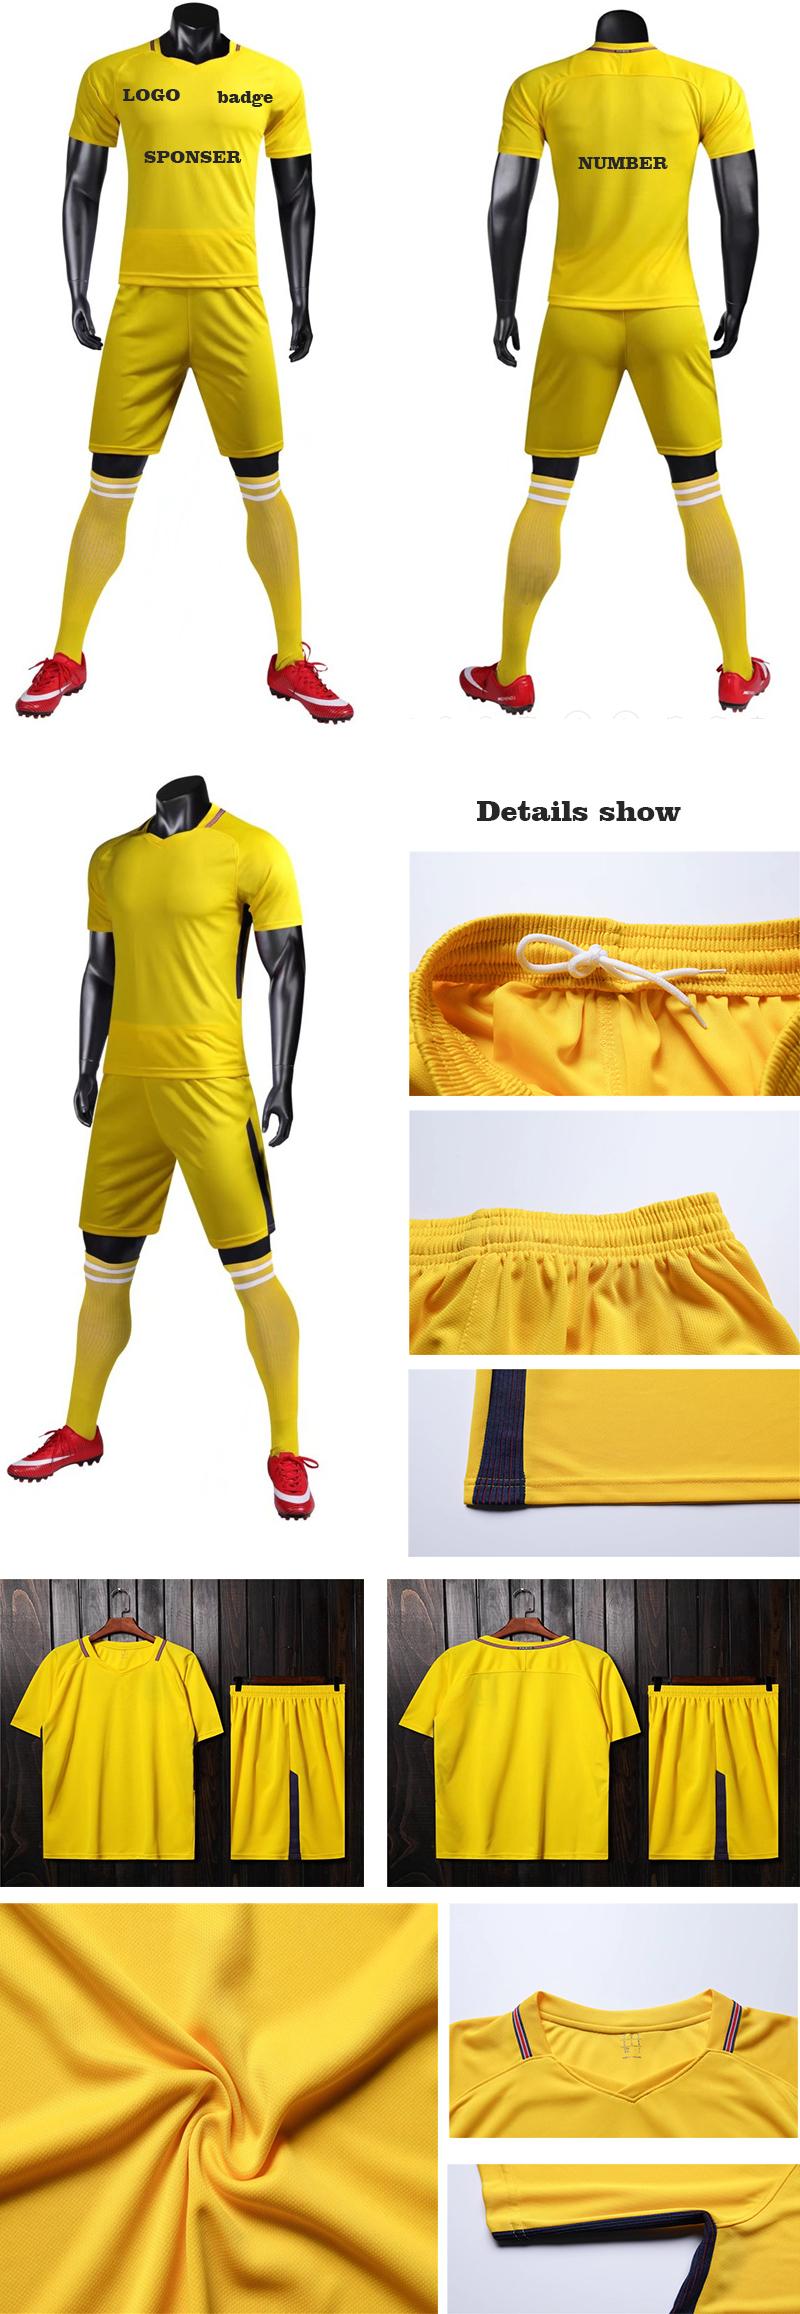 فريق كرة قدم يرتدي اللون الابيض